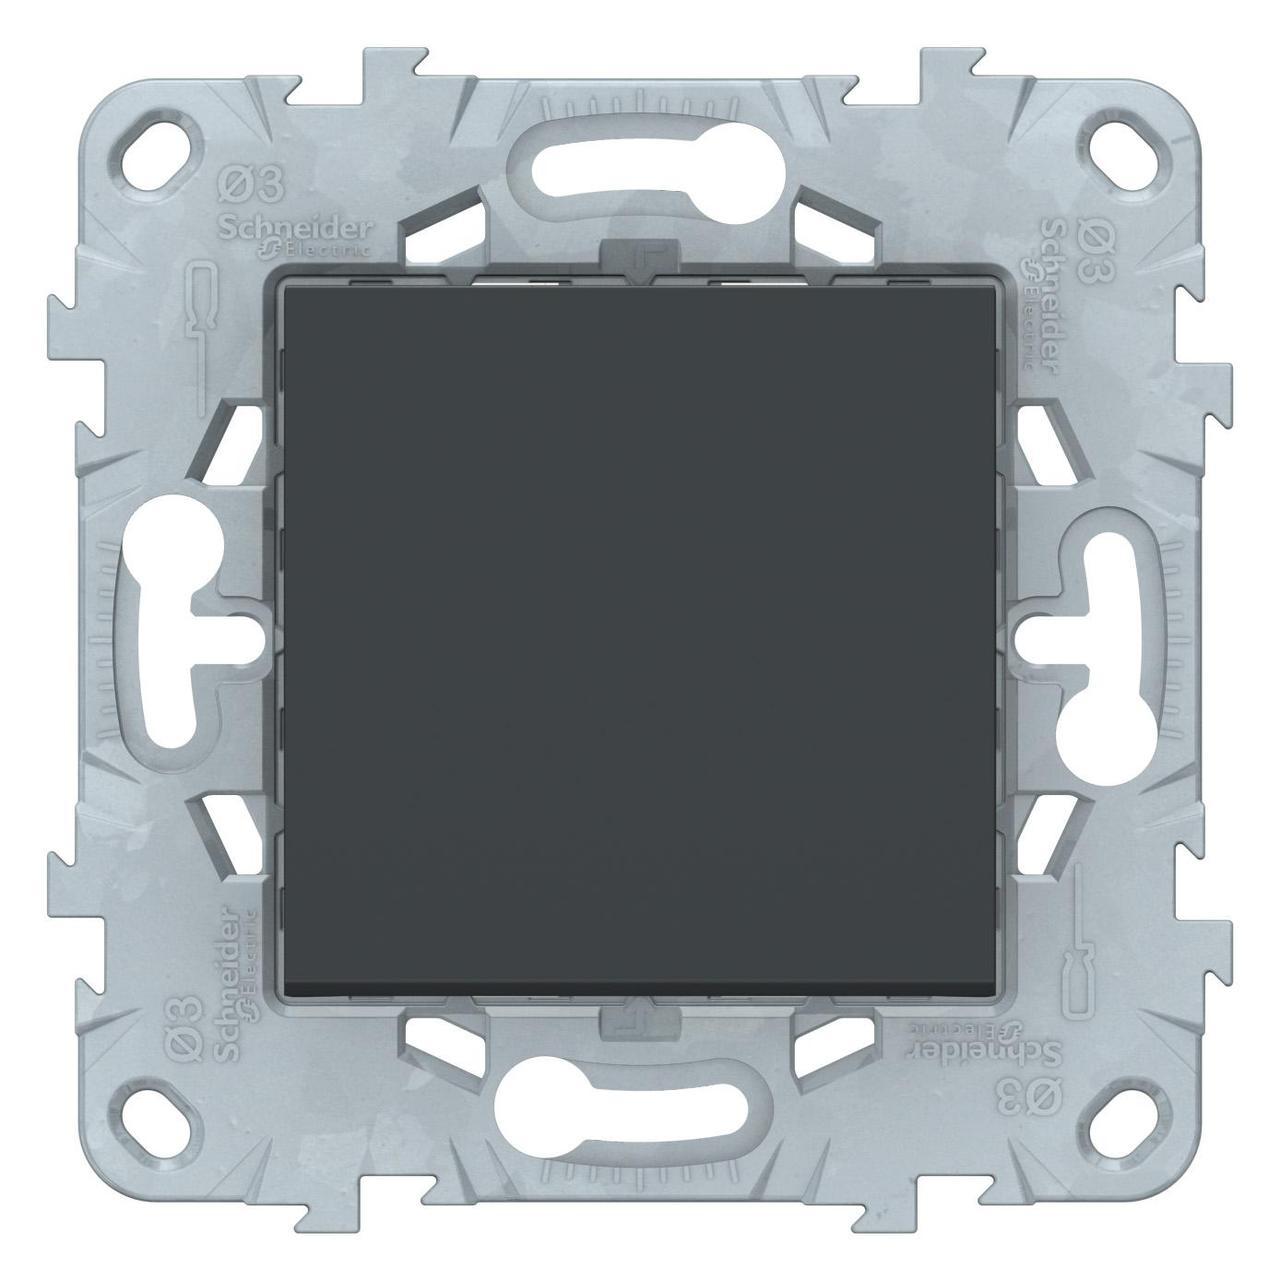 Выключатель 1-клавишный, перекрестный (с трех мест) , Антрацит, серия Unica New, Schneider Electric